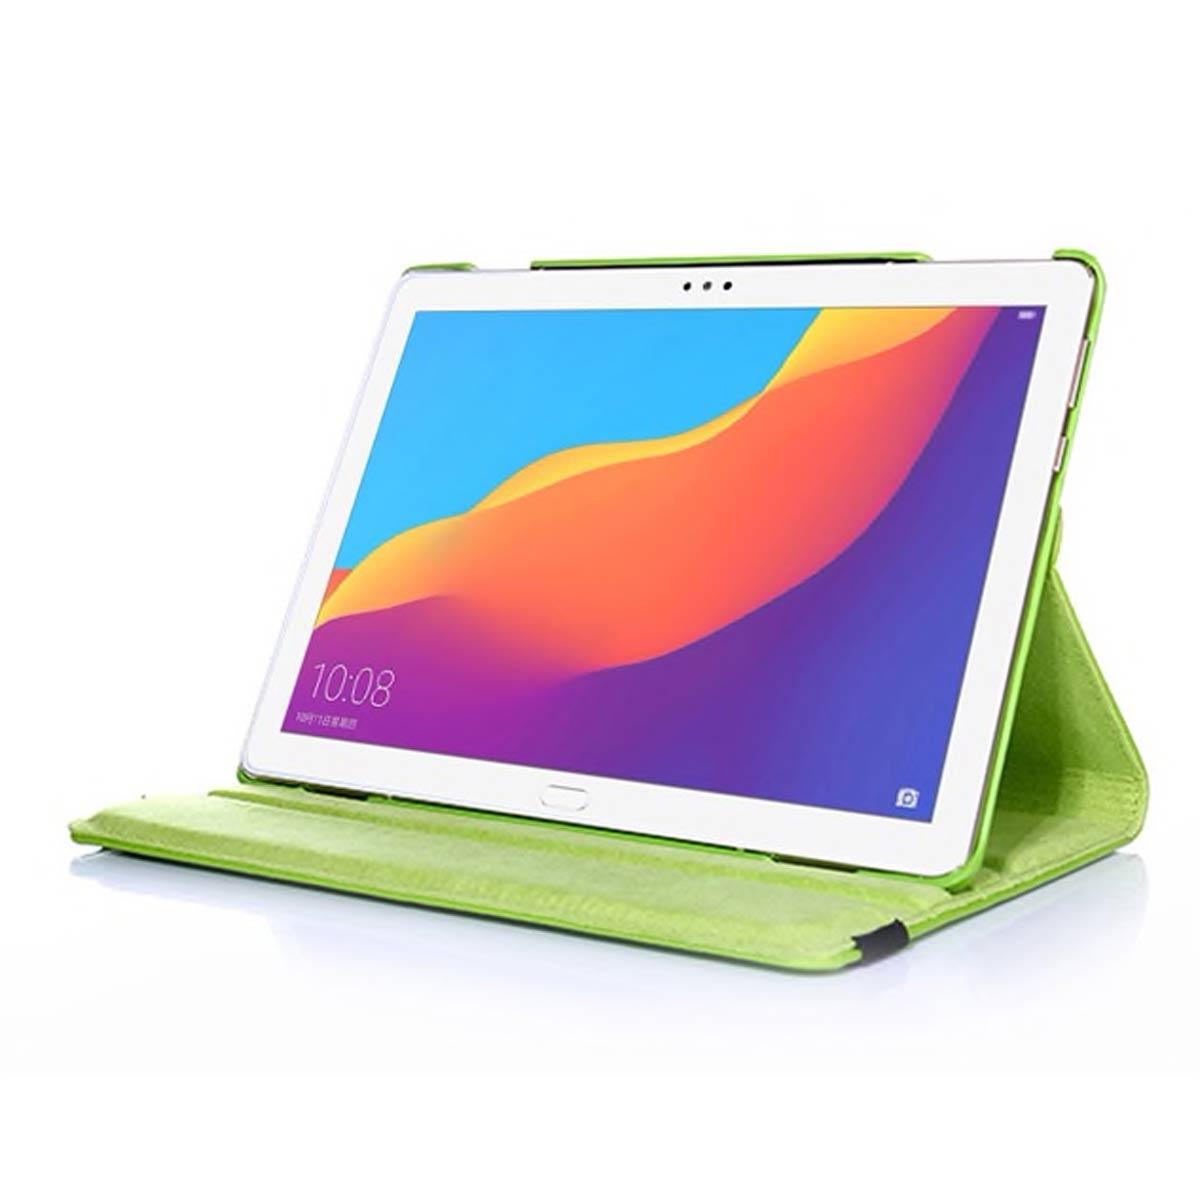 Hart Glas Computer, Tablets & Netzwerk Für Apple Ipad Pro 11.0 Zoll Grün 360 Grad Hülle Tasche Kunstleder